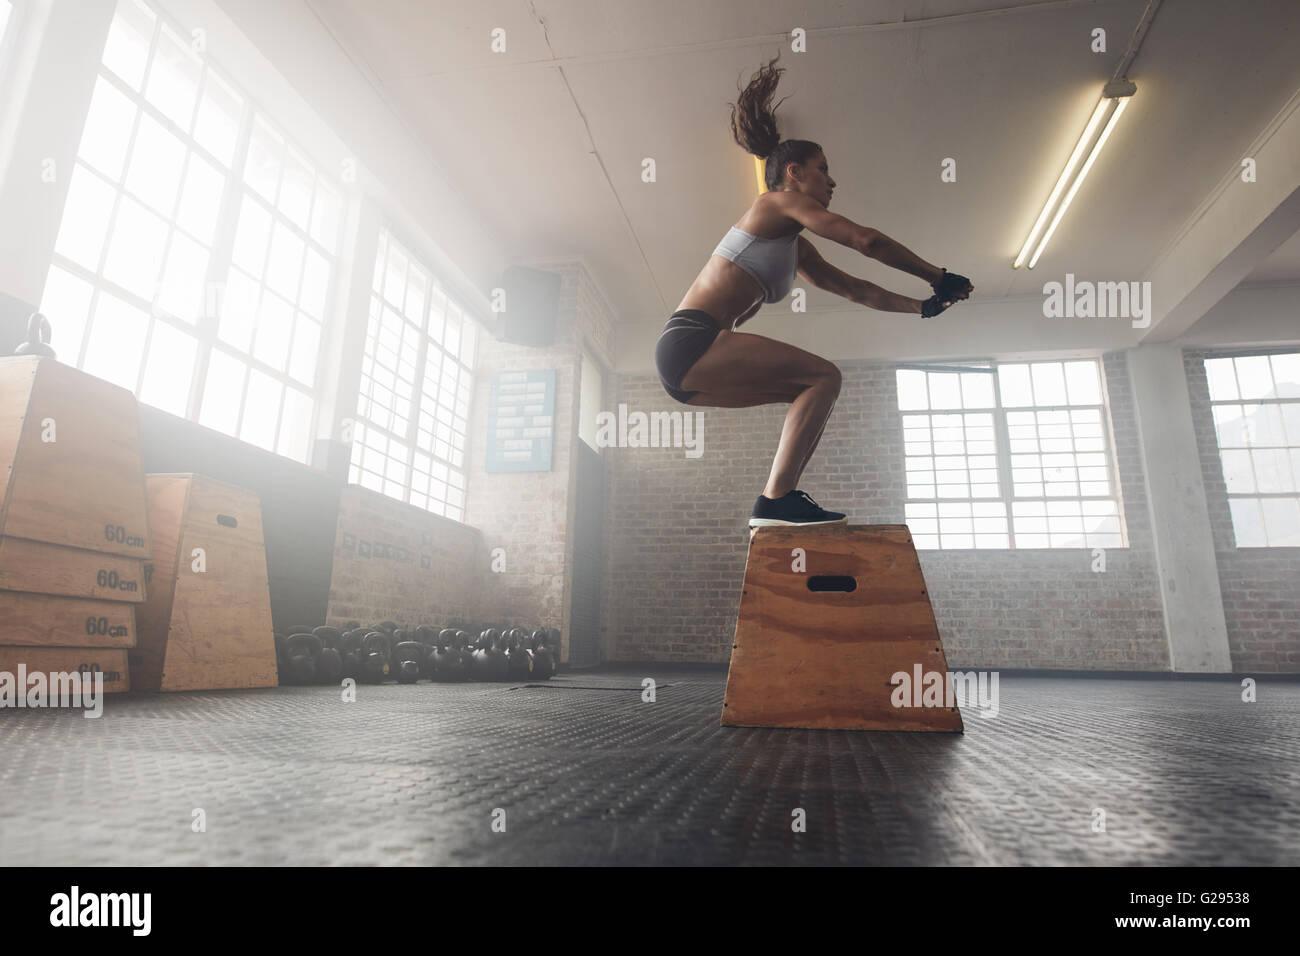 Vista laterale immagine di montare la giovane donna facendo un salto in scatola di esercizio. Donna muscolare facendo Immagini Stock